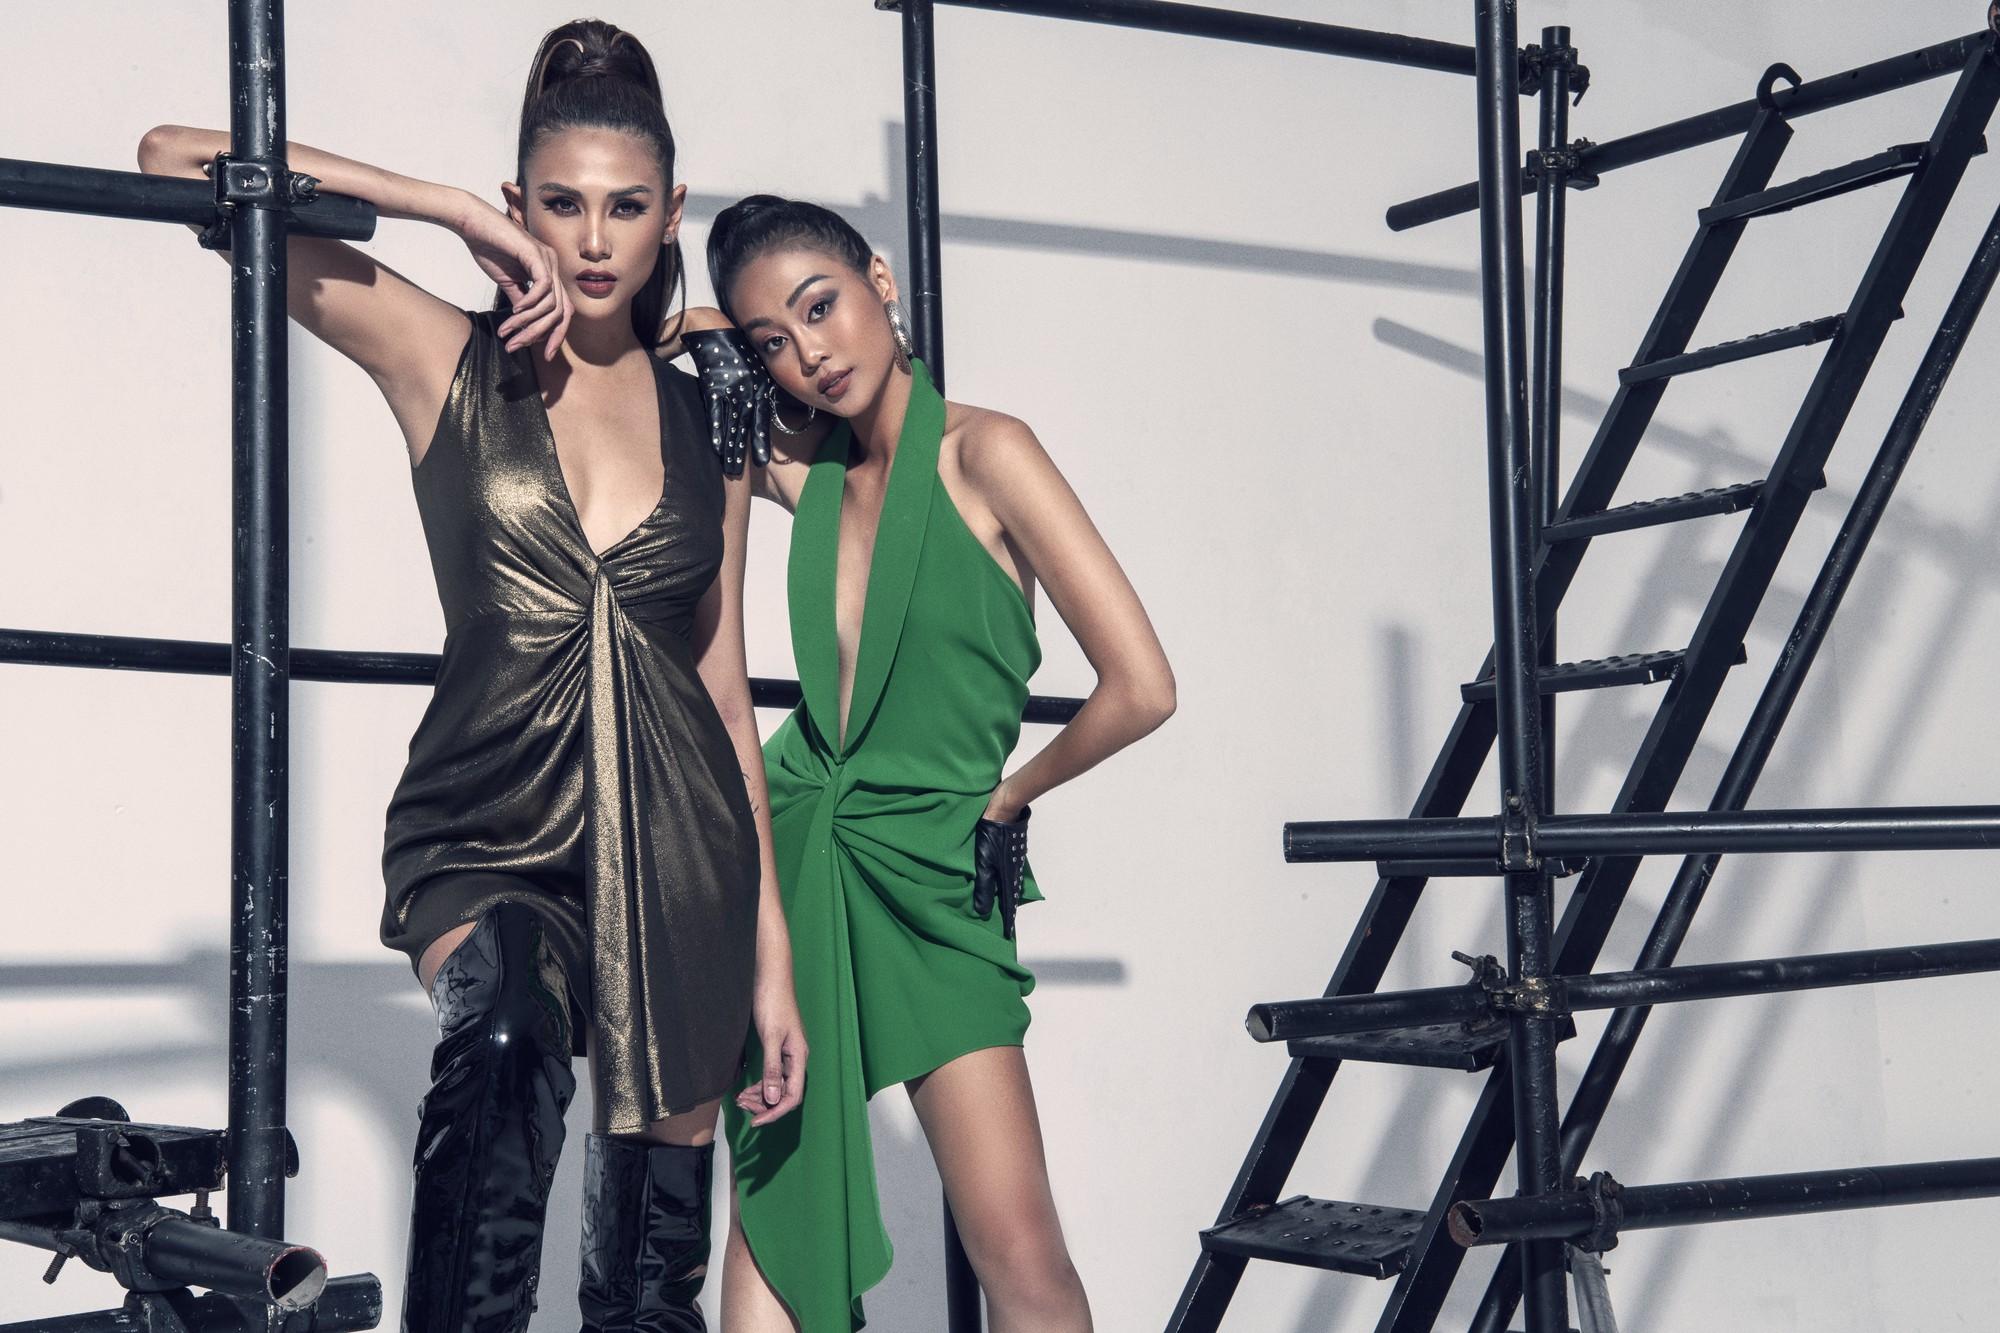 Võ Hoàng Yến ra mắt dàn thí sinh đậm chất thời trang tại The Face Vietnam - Ảnh 8.